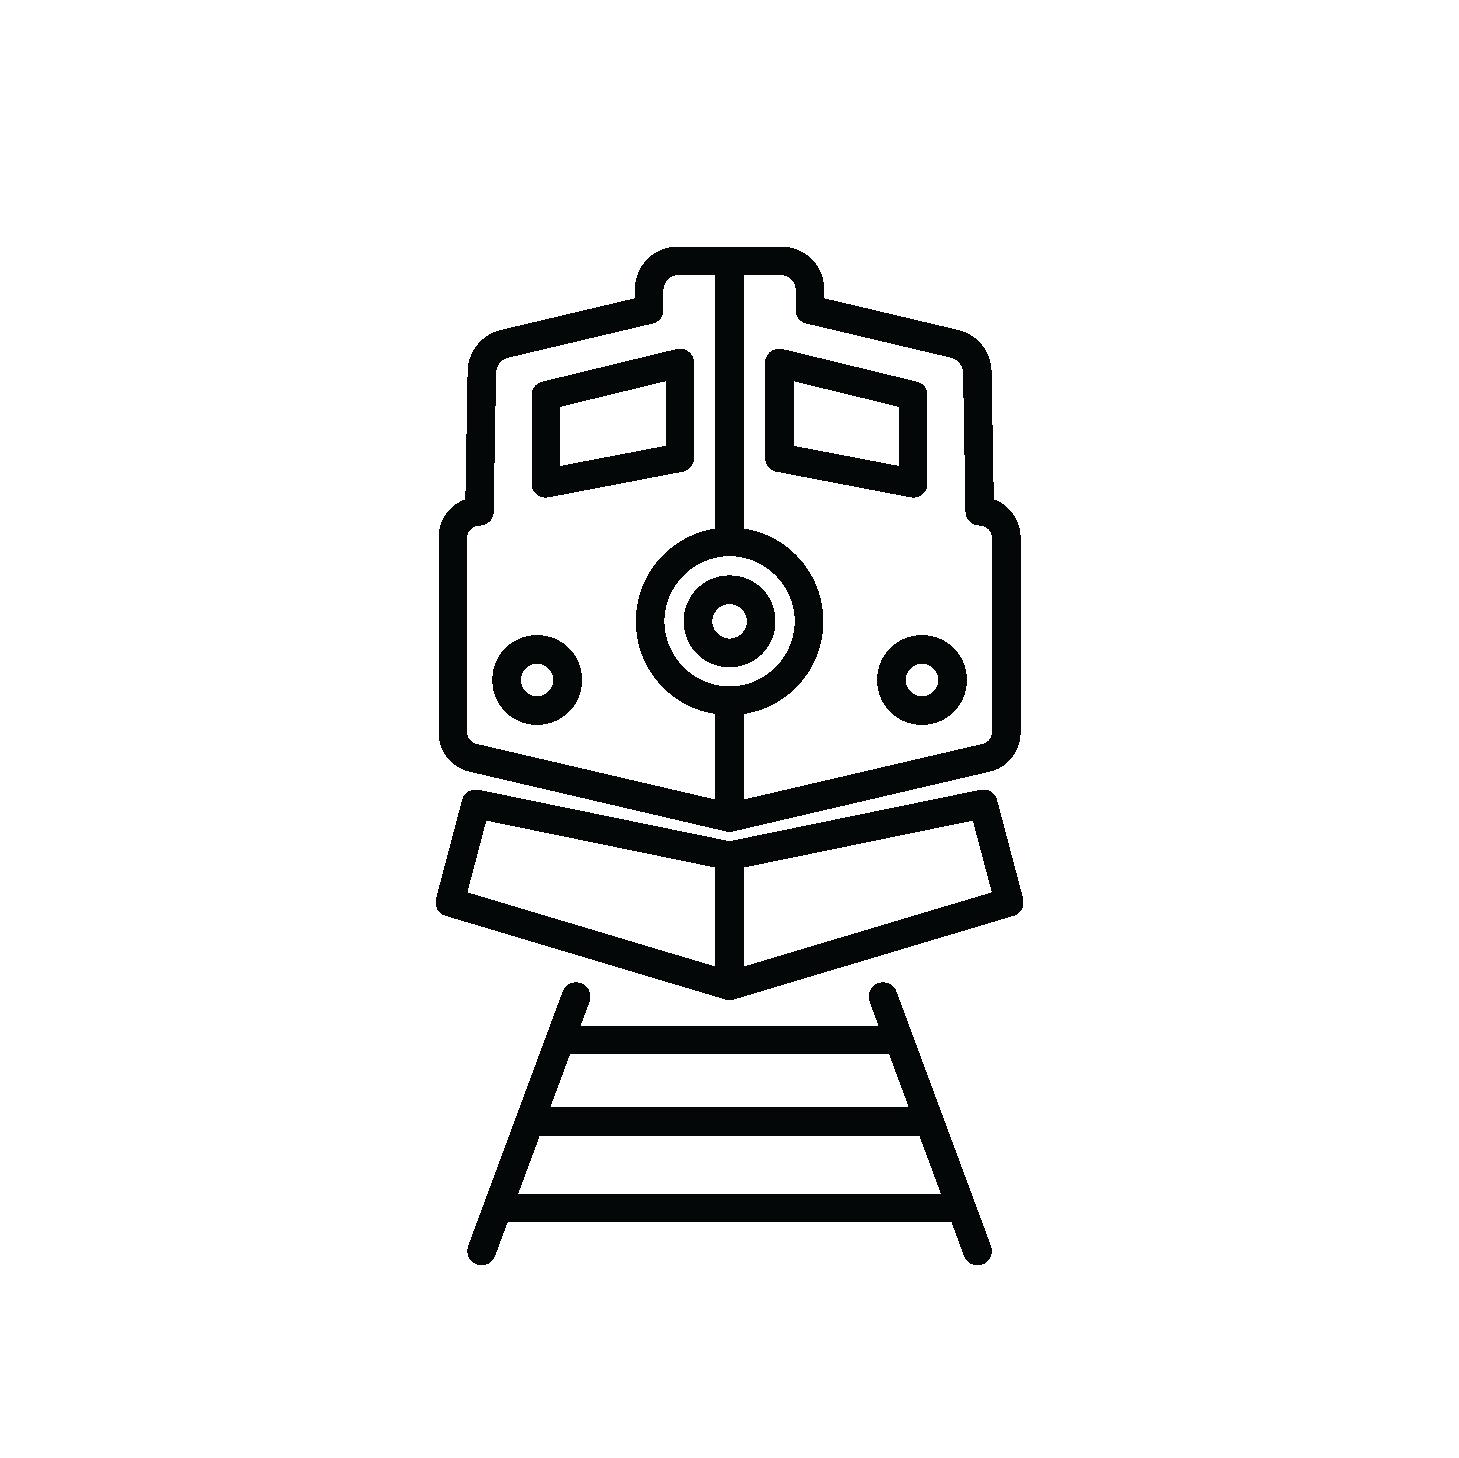 Icon Application - Railroad